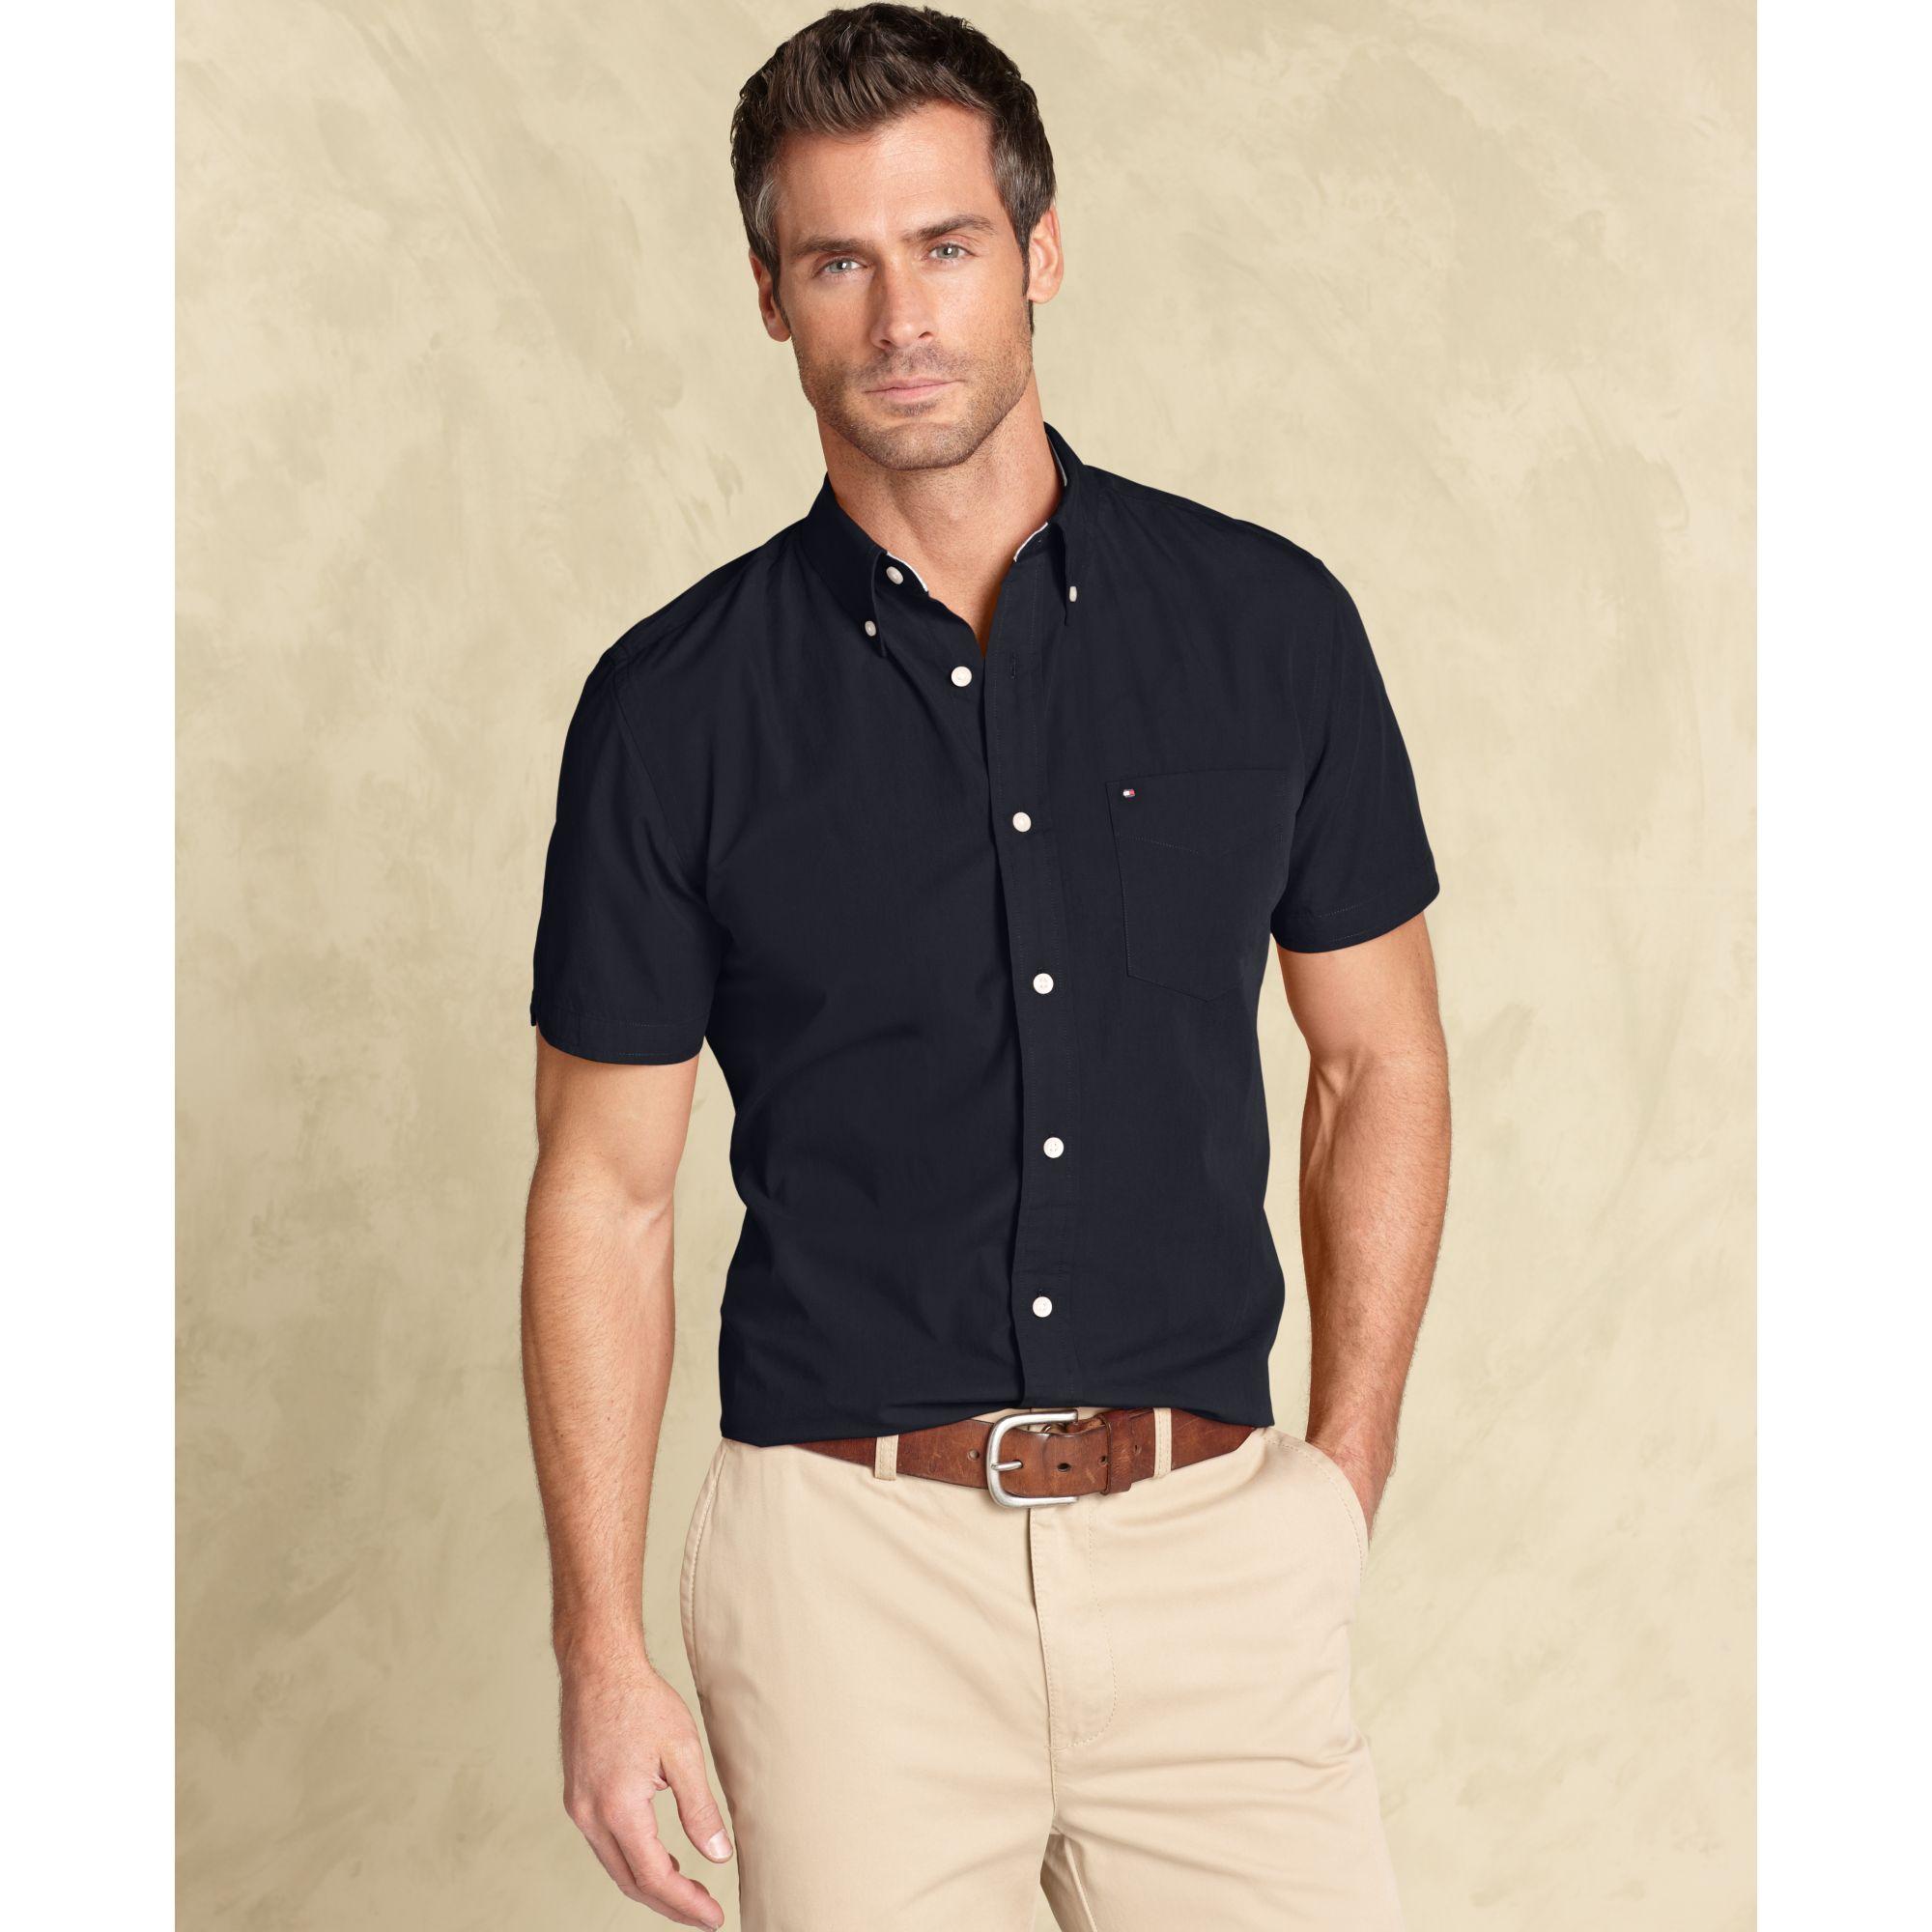 tommy hilfiger max button down slim fit in black for men. Black Bedroom Furniture Sets. Home Design Ideas